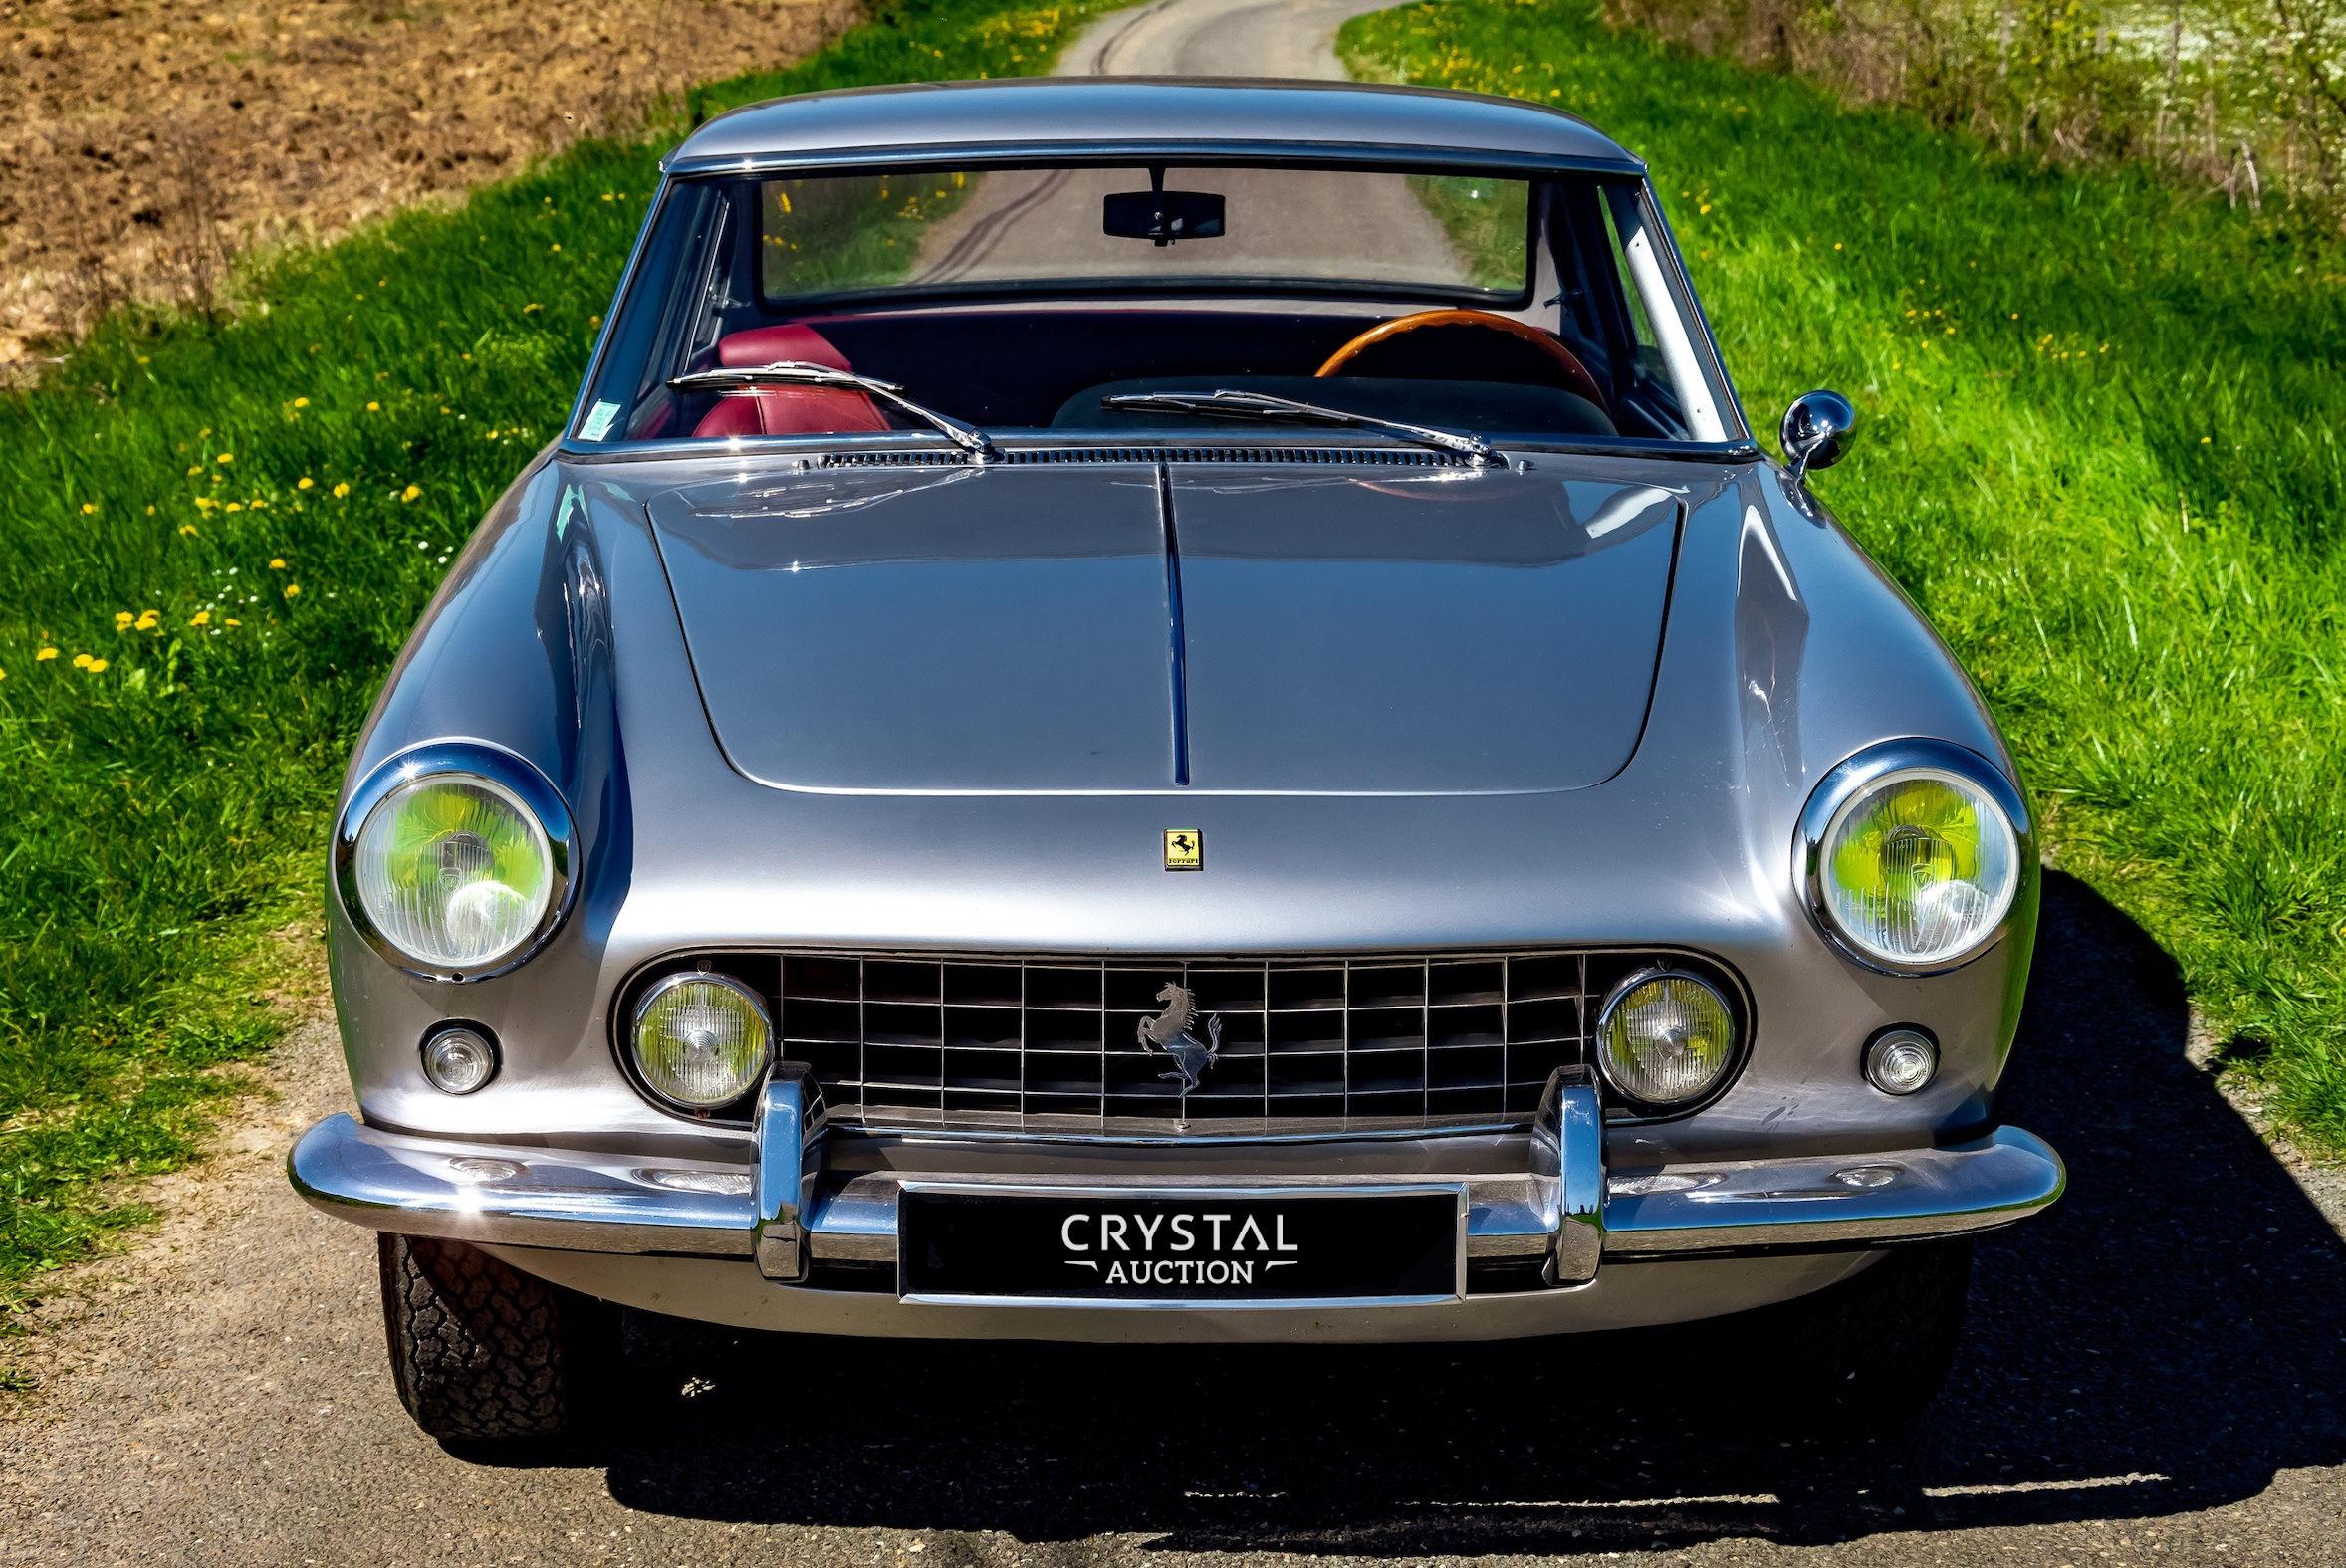 Ferrari 250gte Crystal Auction Privatverkauf